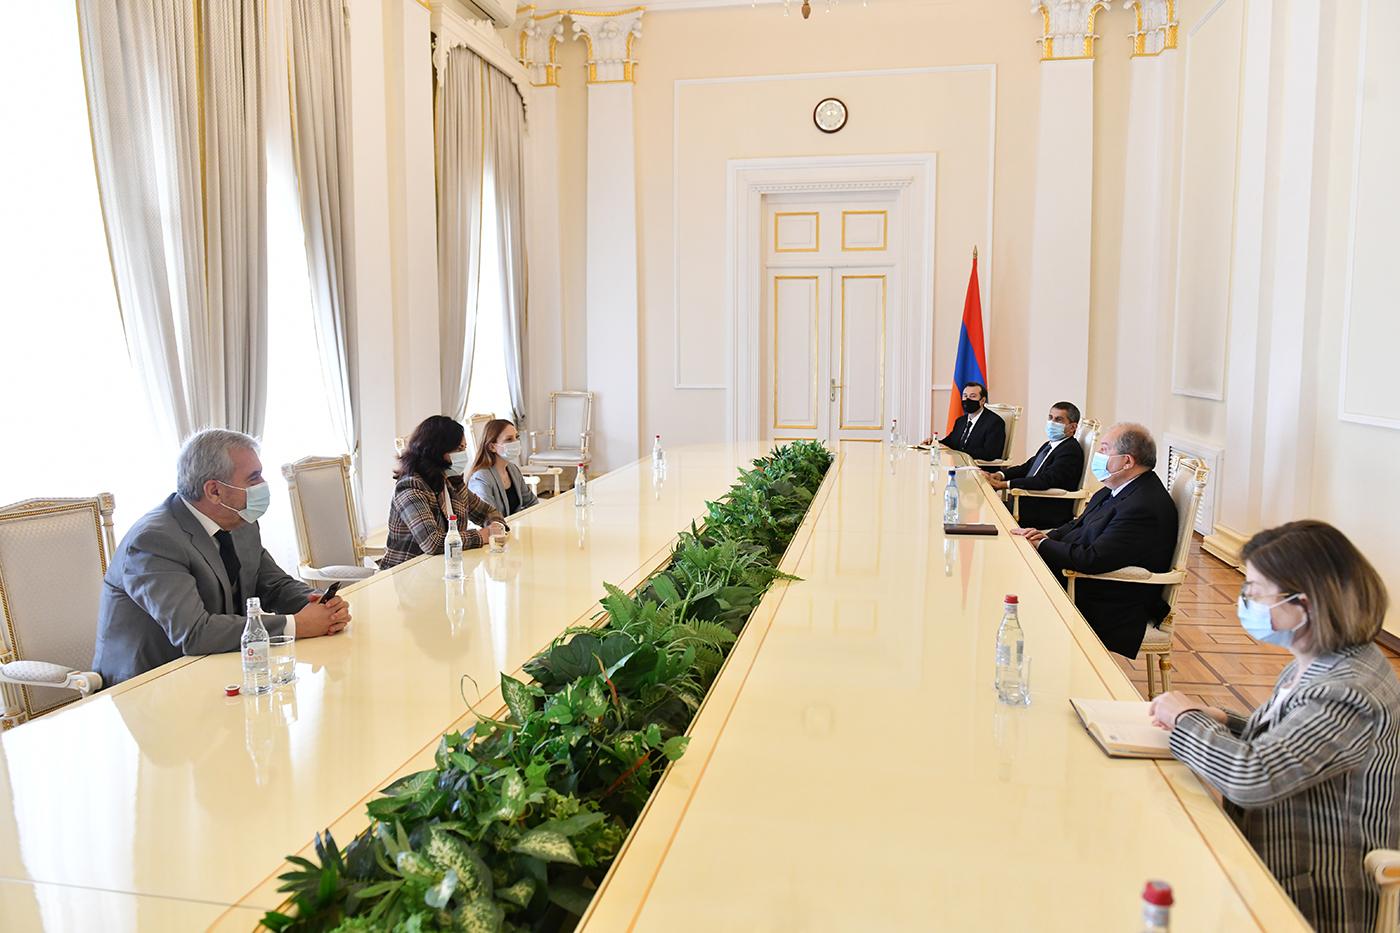 Photo of Նախագահ Արմեն Սարգսյանը հանդիպել է «Իմ քայլը» պատգամավորական խմբակցության ներկայացուցիչների հետ